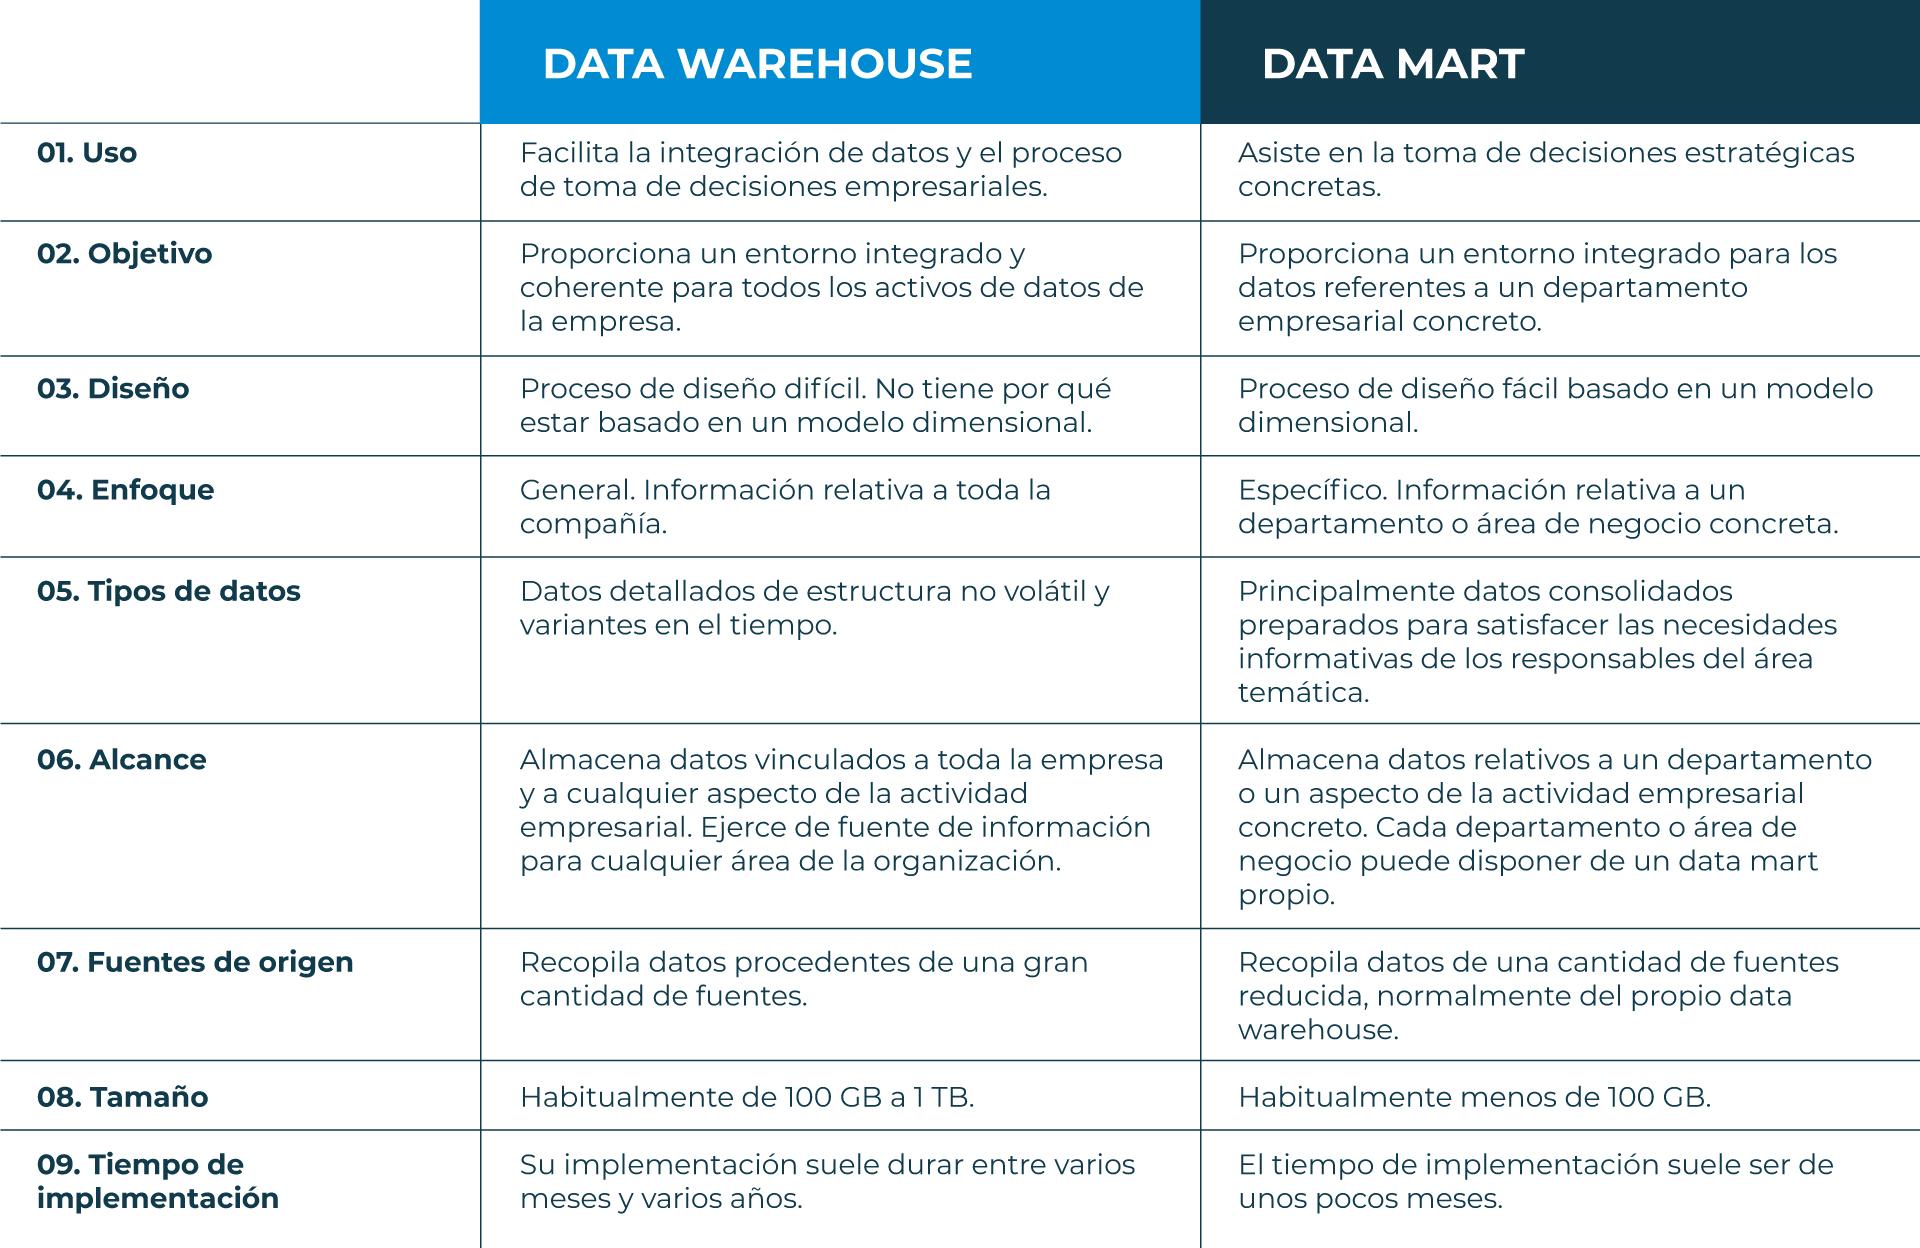 Data-Warehouse-vs-Data-Mart-ES